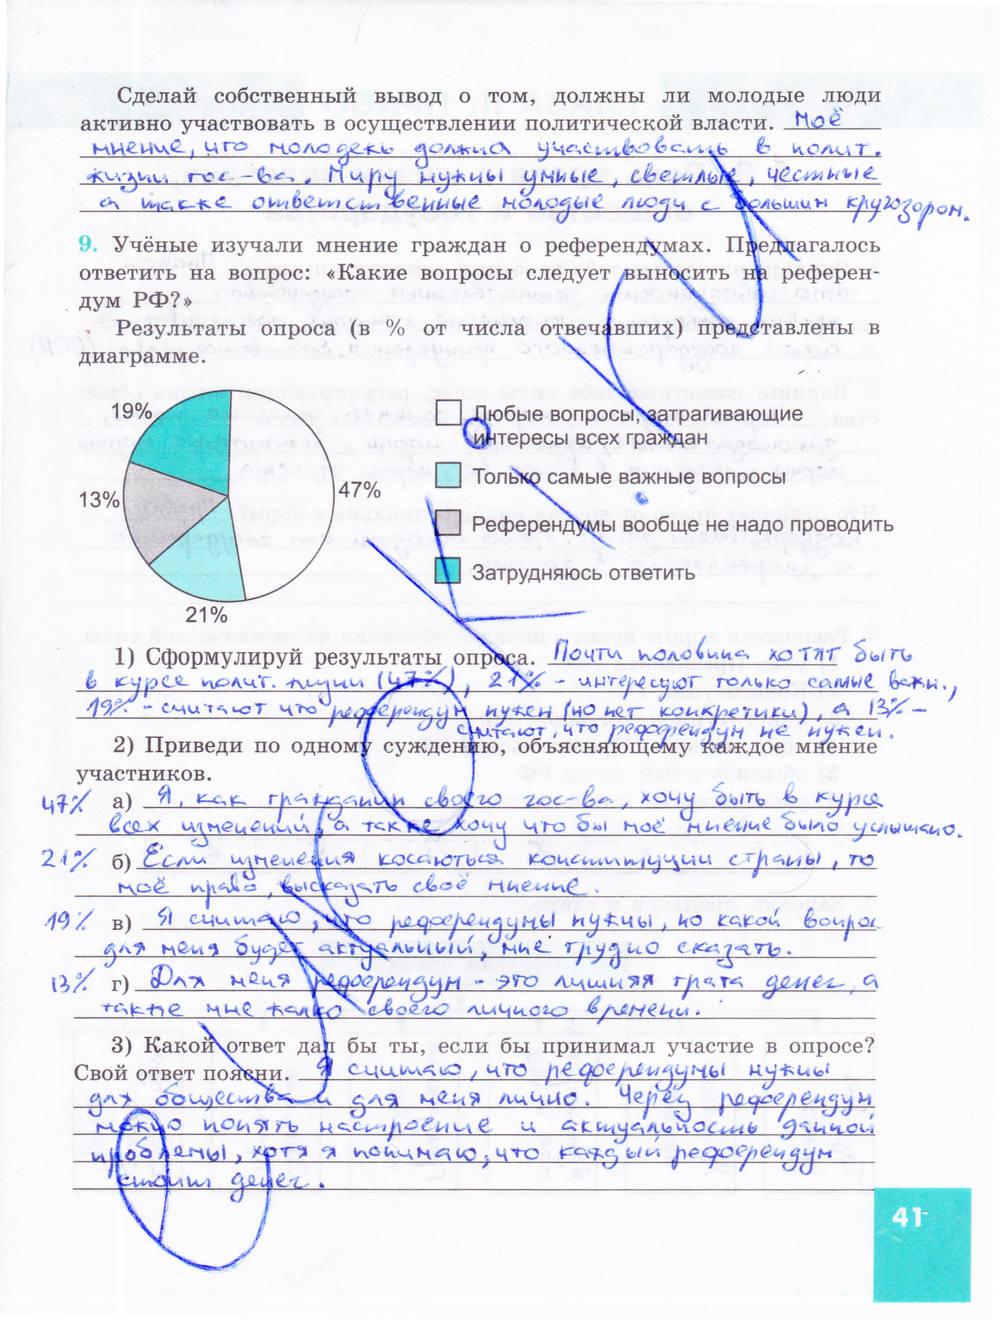 Лискова котова 9 обществознание класс гдз